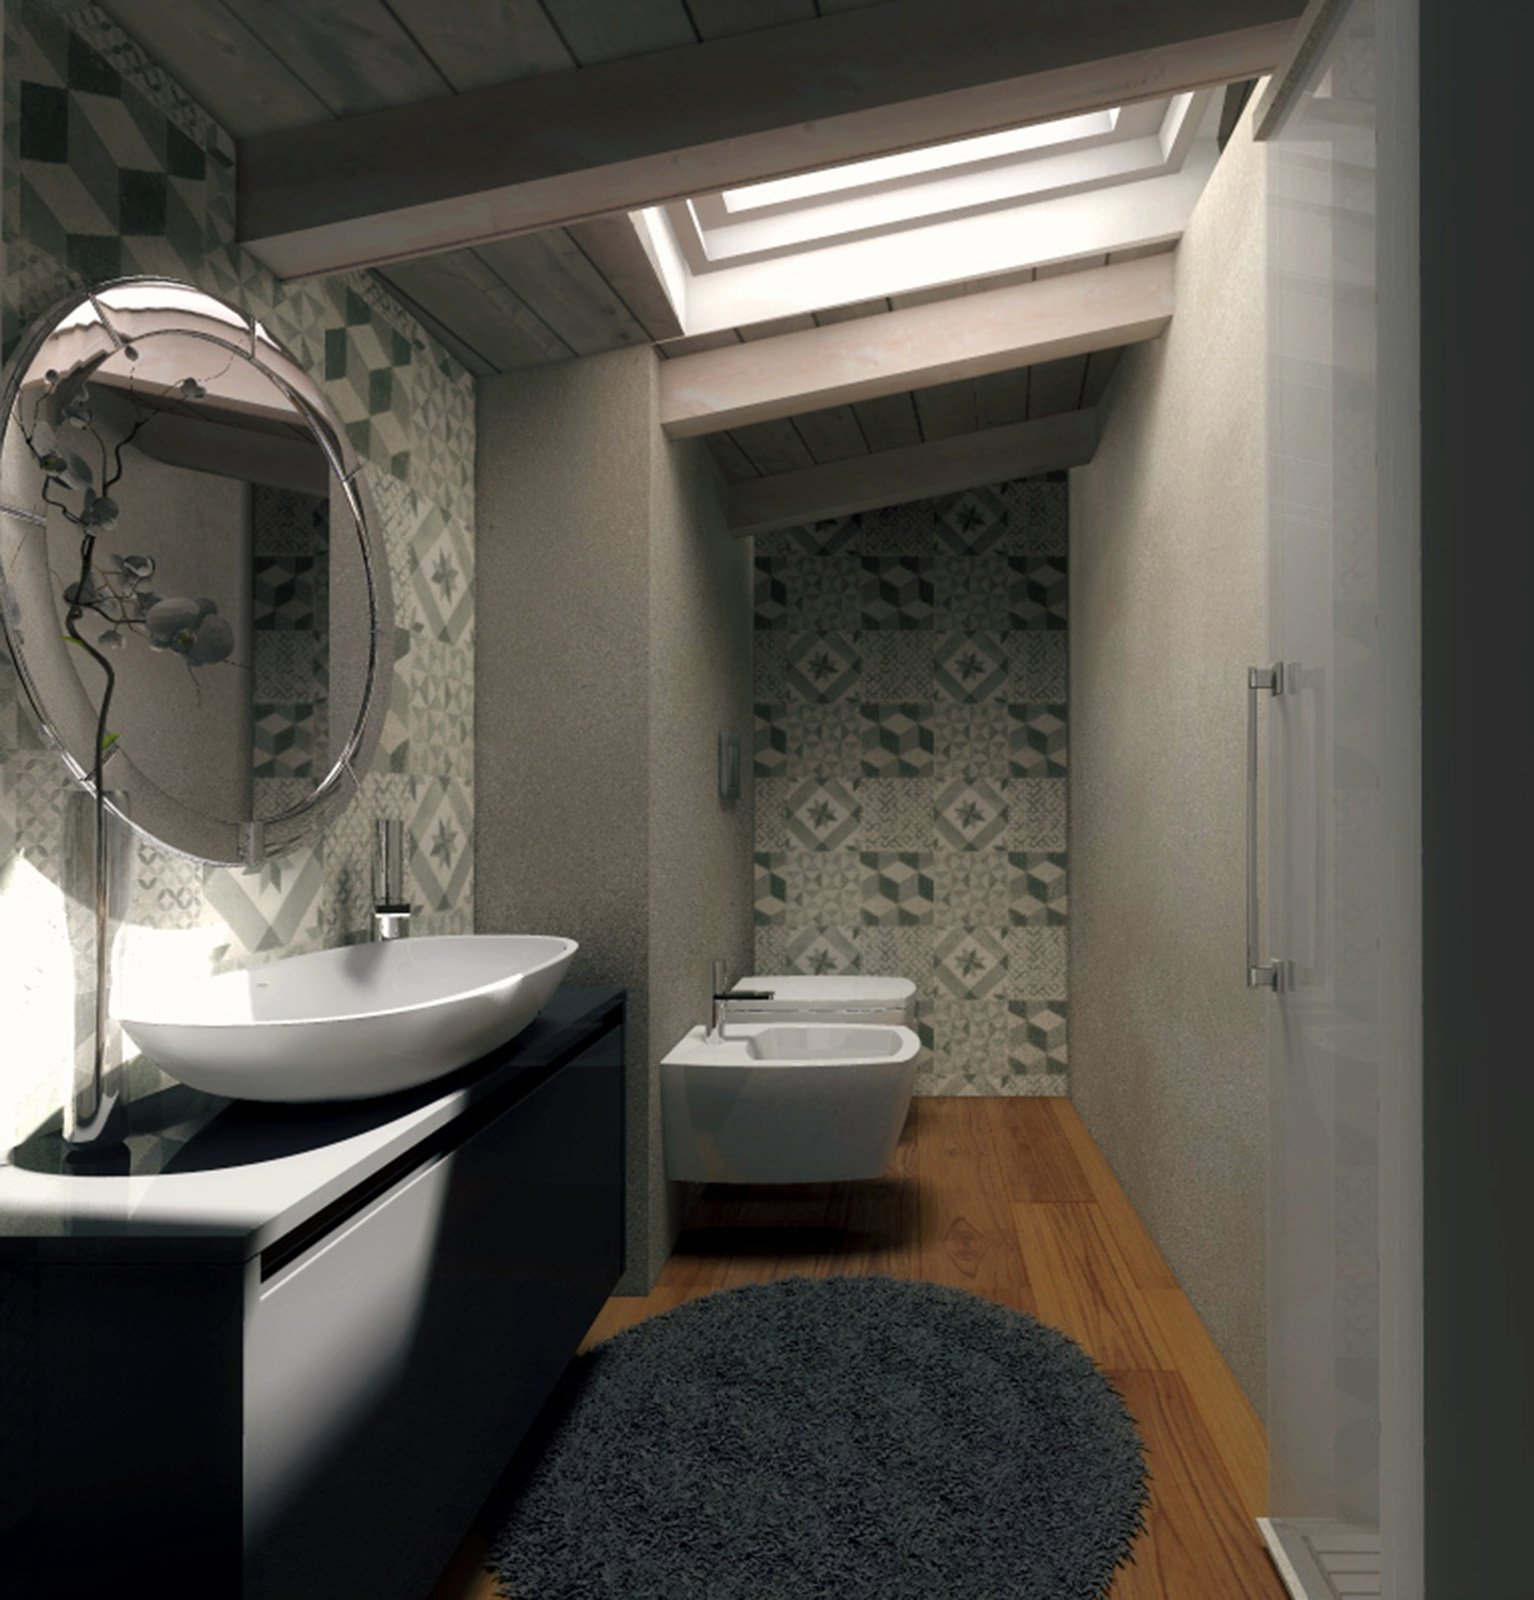 Mansarda una casa sottotetto luminosa e contemporanea cose di casa - Bagno sottotetto ...